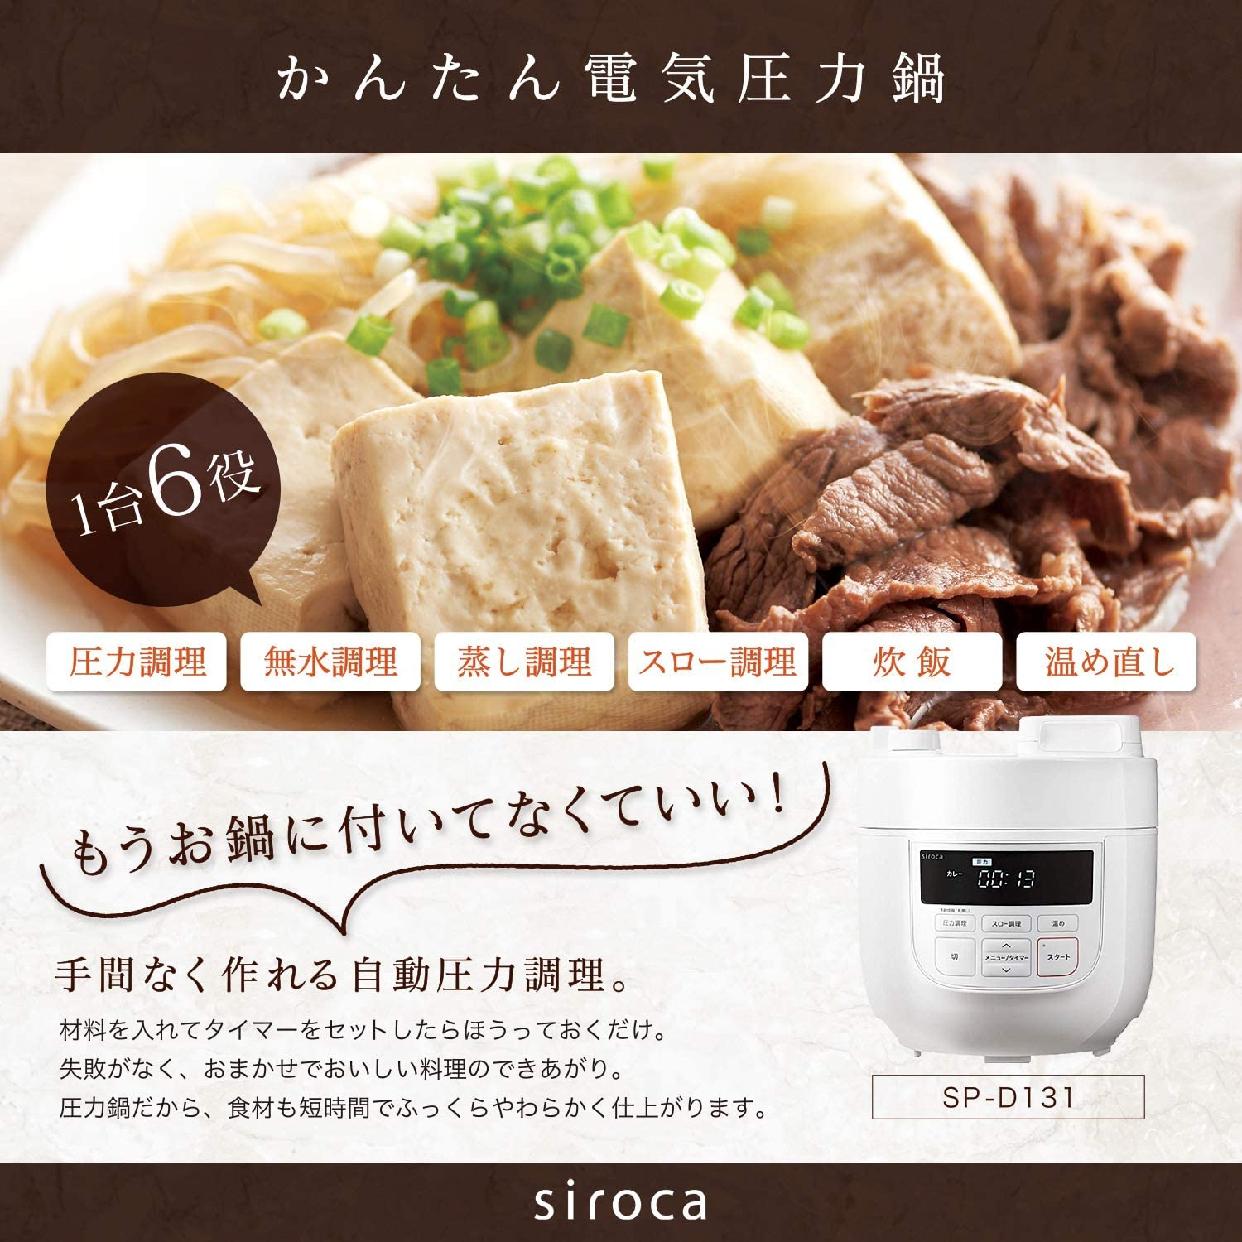 siroca(シロカ) 電気圧力鍋 SP-D131 ホワイトの商品画像4